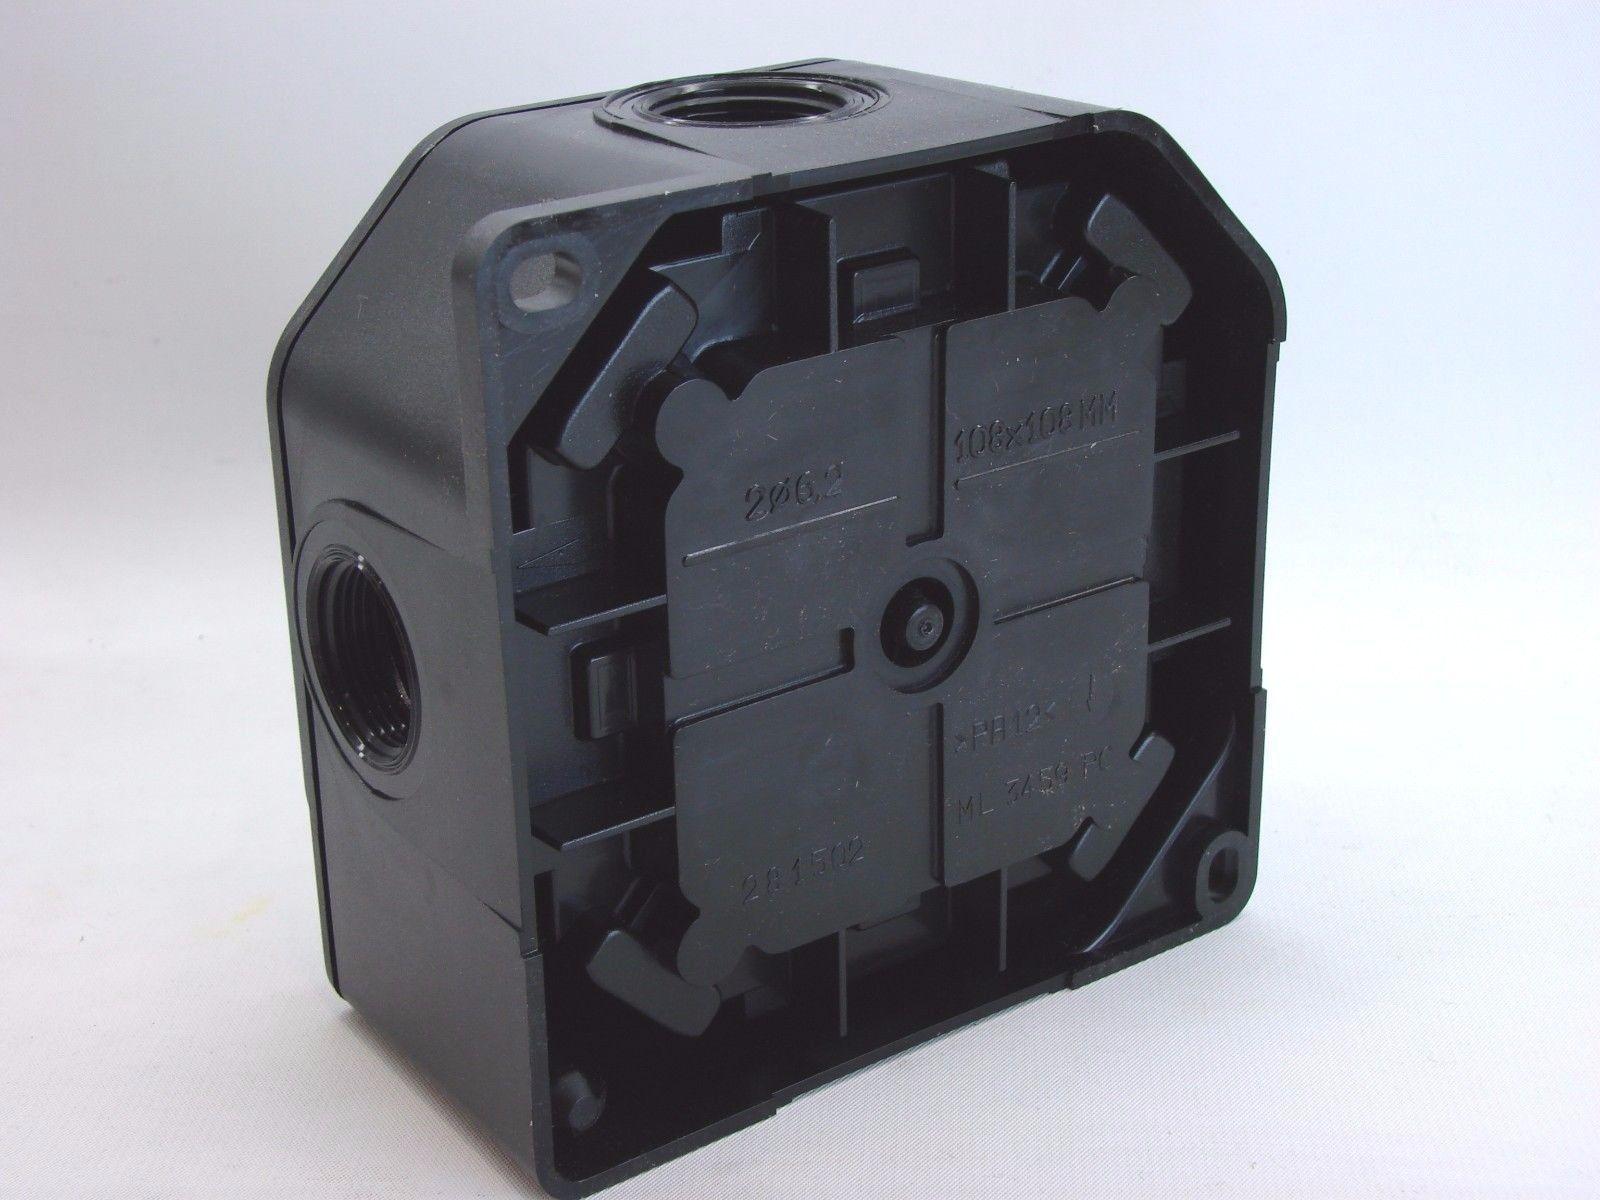 New Appleton A T X  JBEL2N3M25G Hazardous and 41 similar items